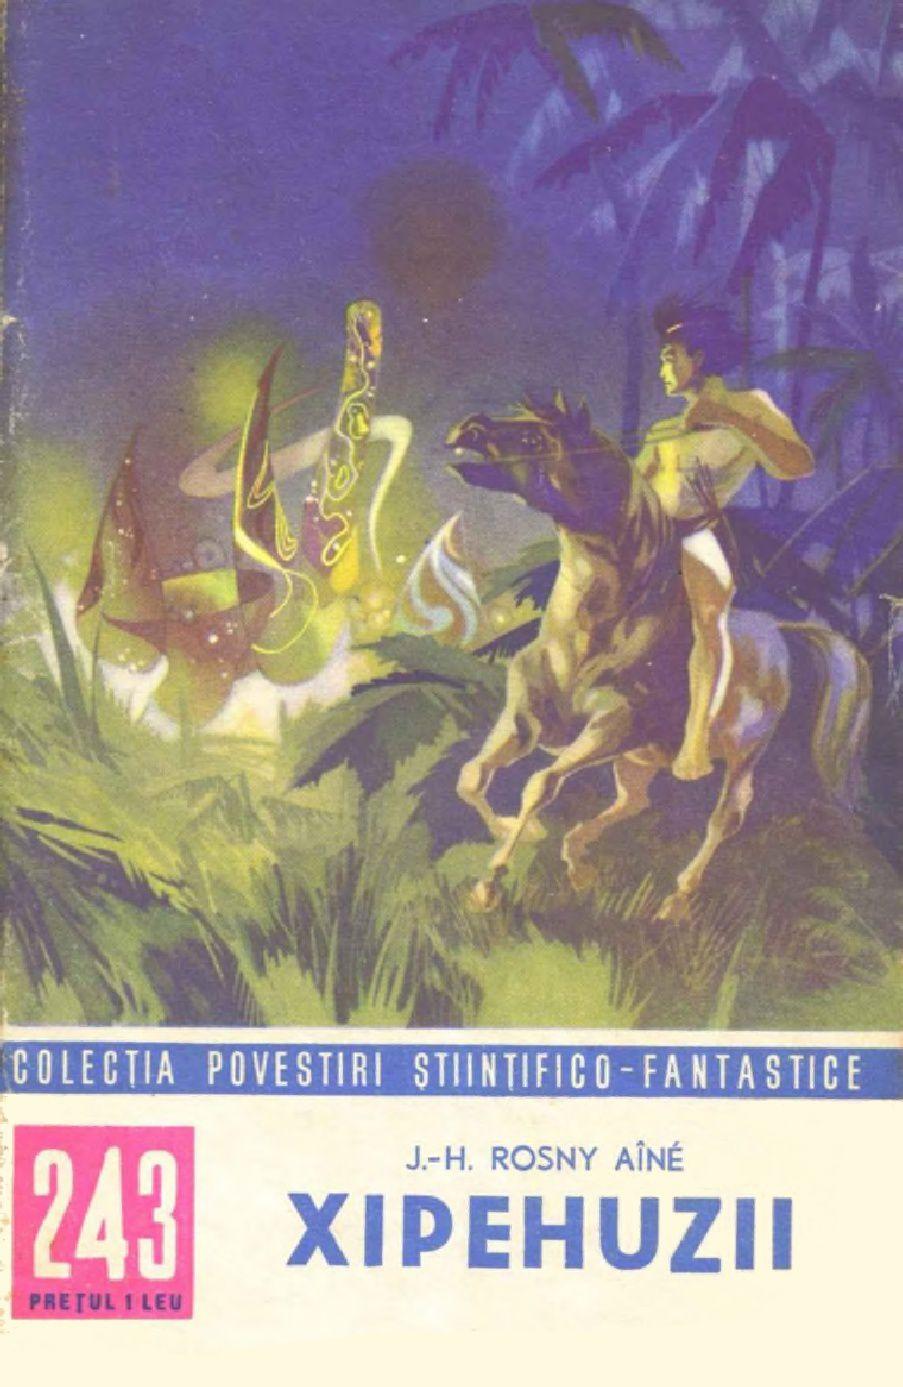 """J.-H. Rosny aîné """"Xipehuzii"""" in Colecția de Povestiri Ştiinţifico-Fantastice n°243 (1965)"""